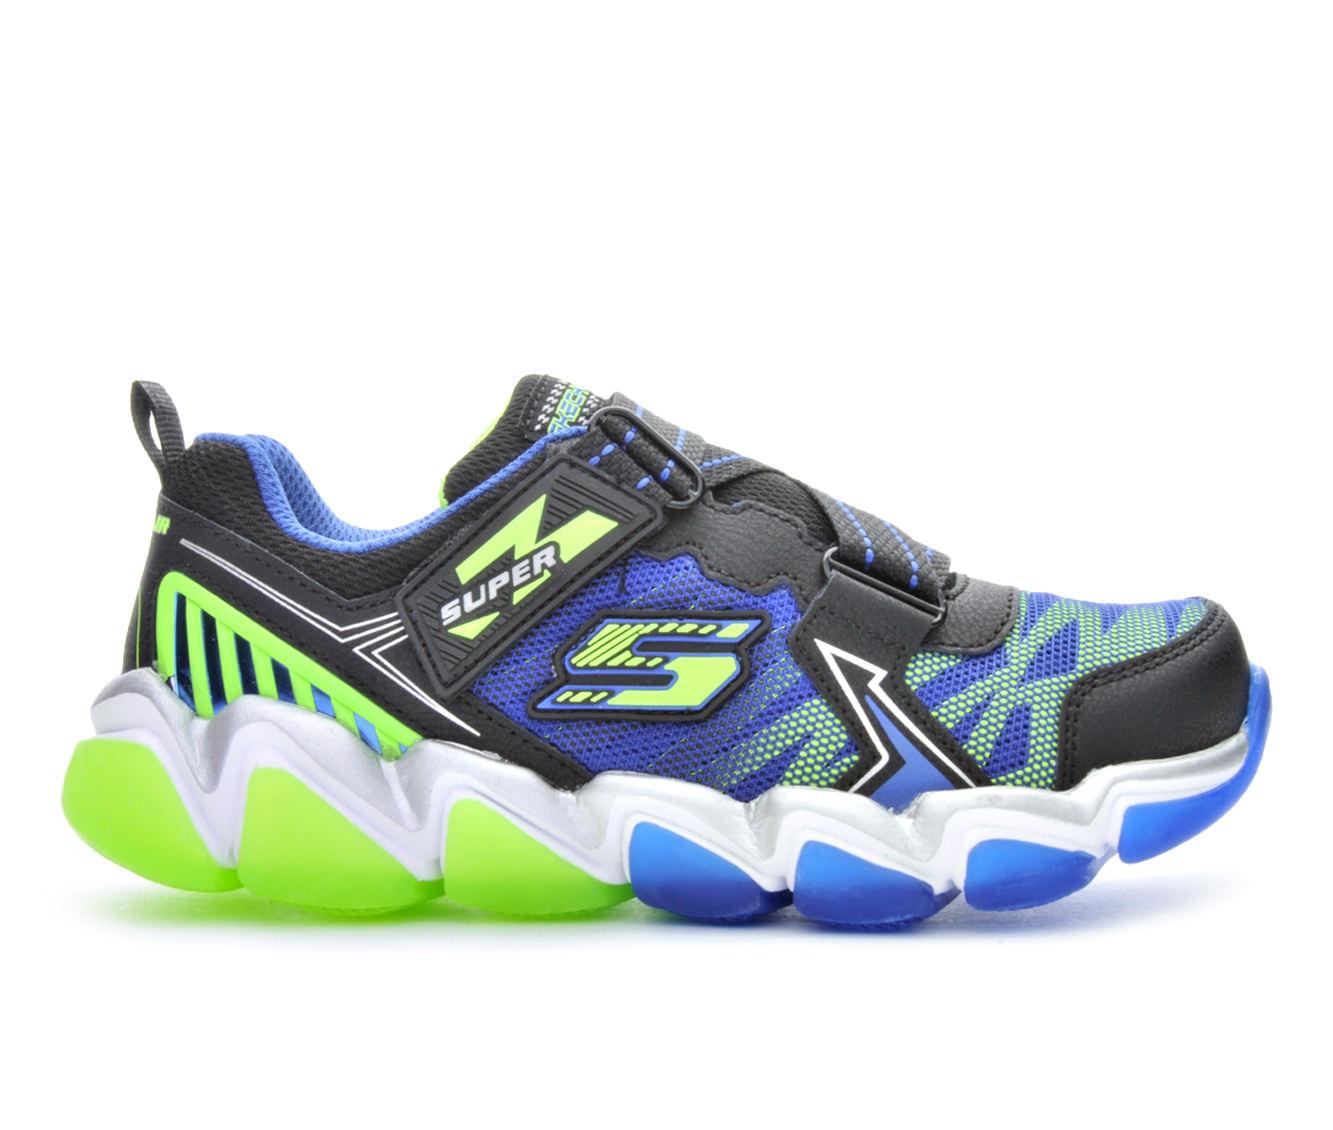 Boys' Skechers Skech Air 3.0 Sneakers (Blue)